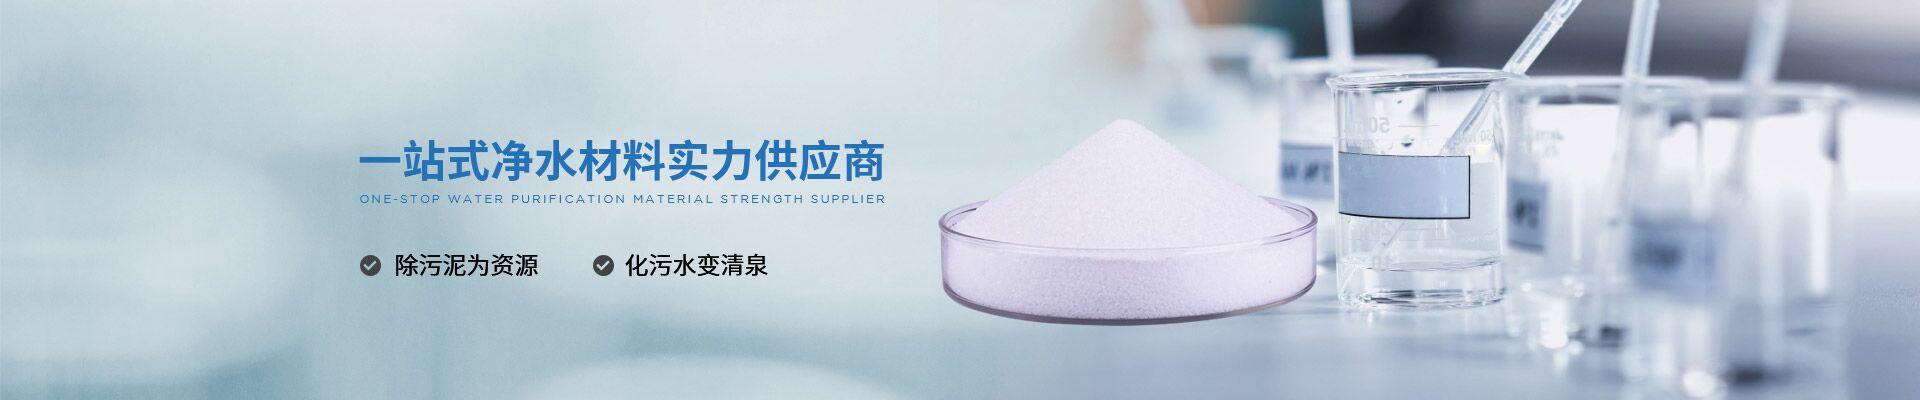 俊三——污水处理药剂-一站式净水材料实力供应商